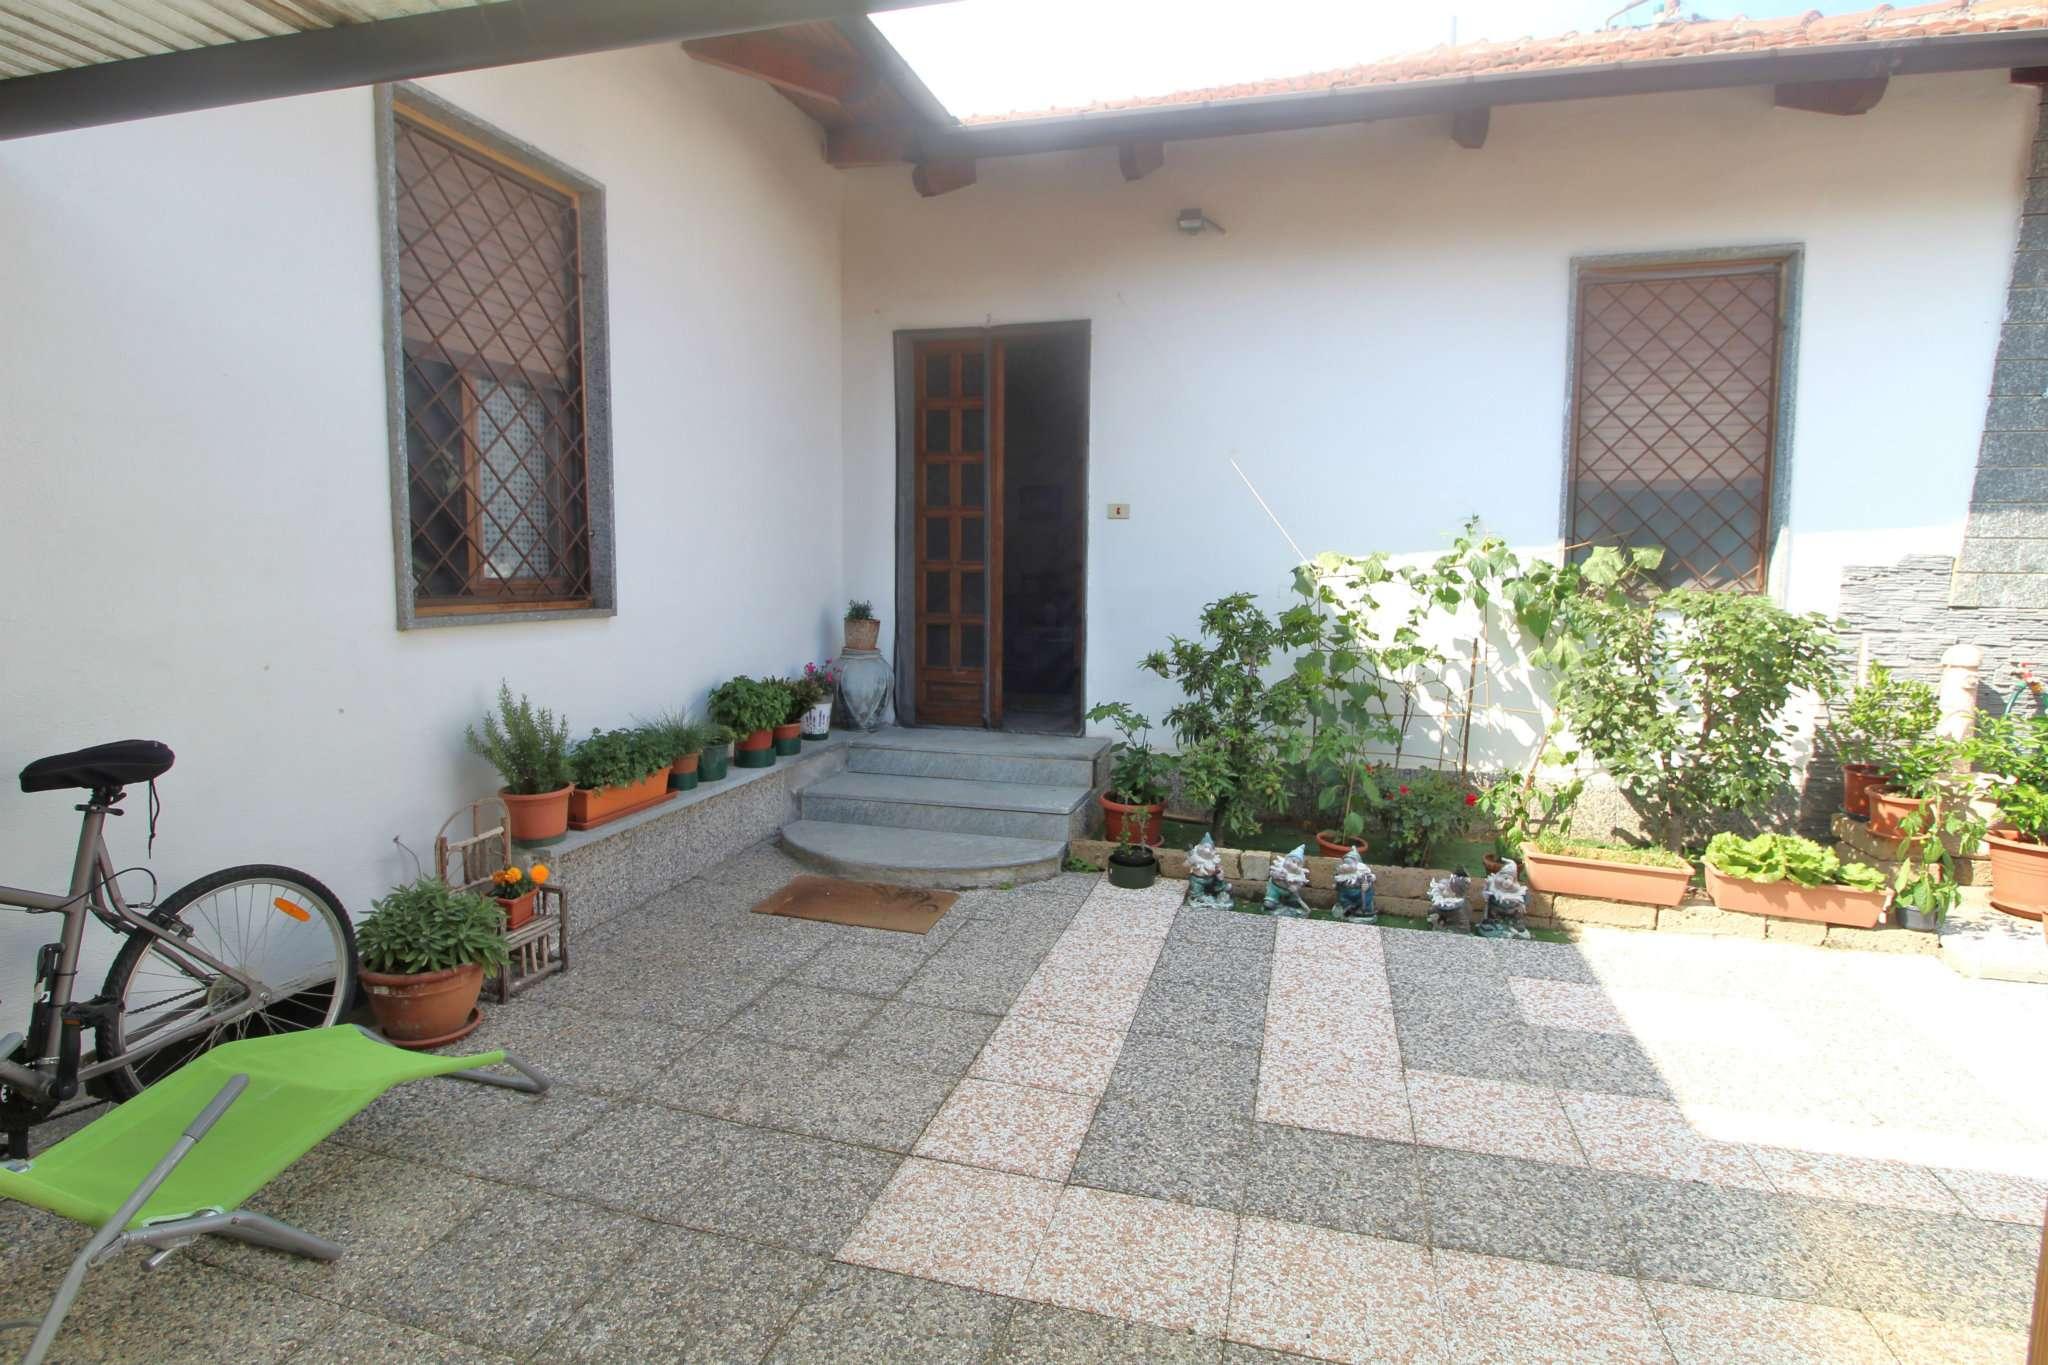 Foto 1 di Casa indipendente Candiolo